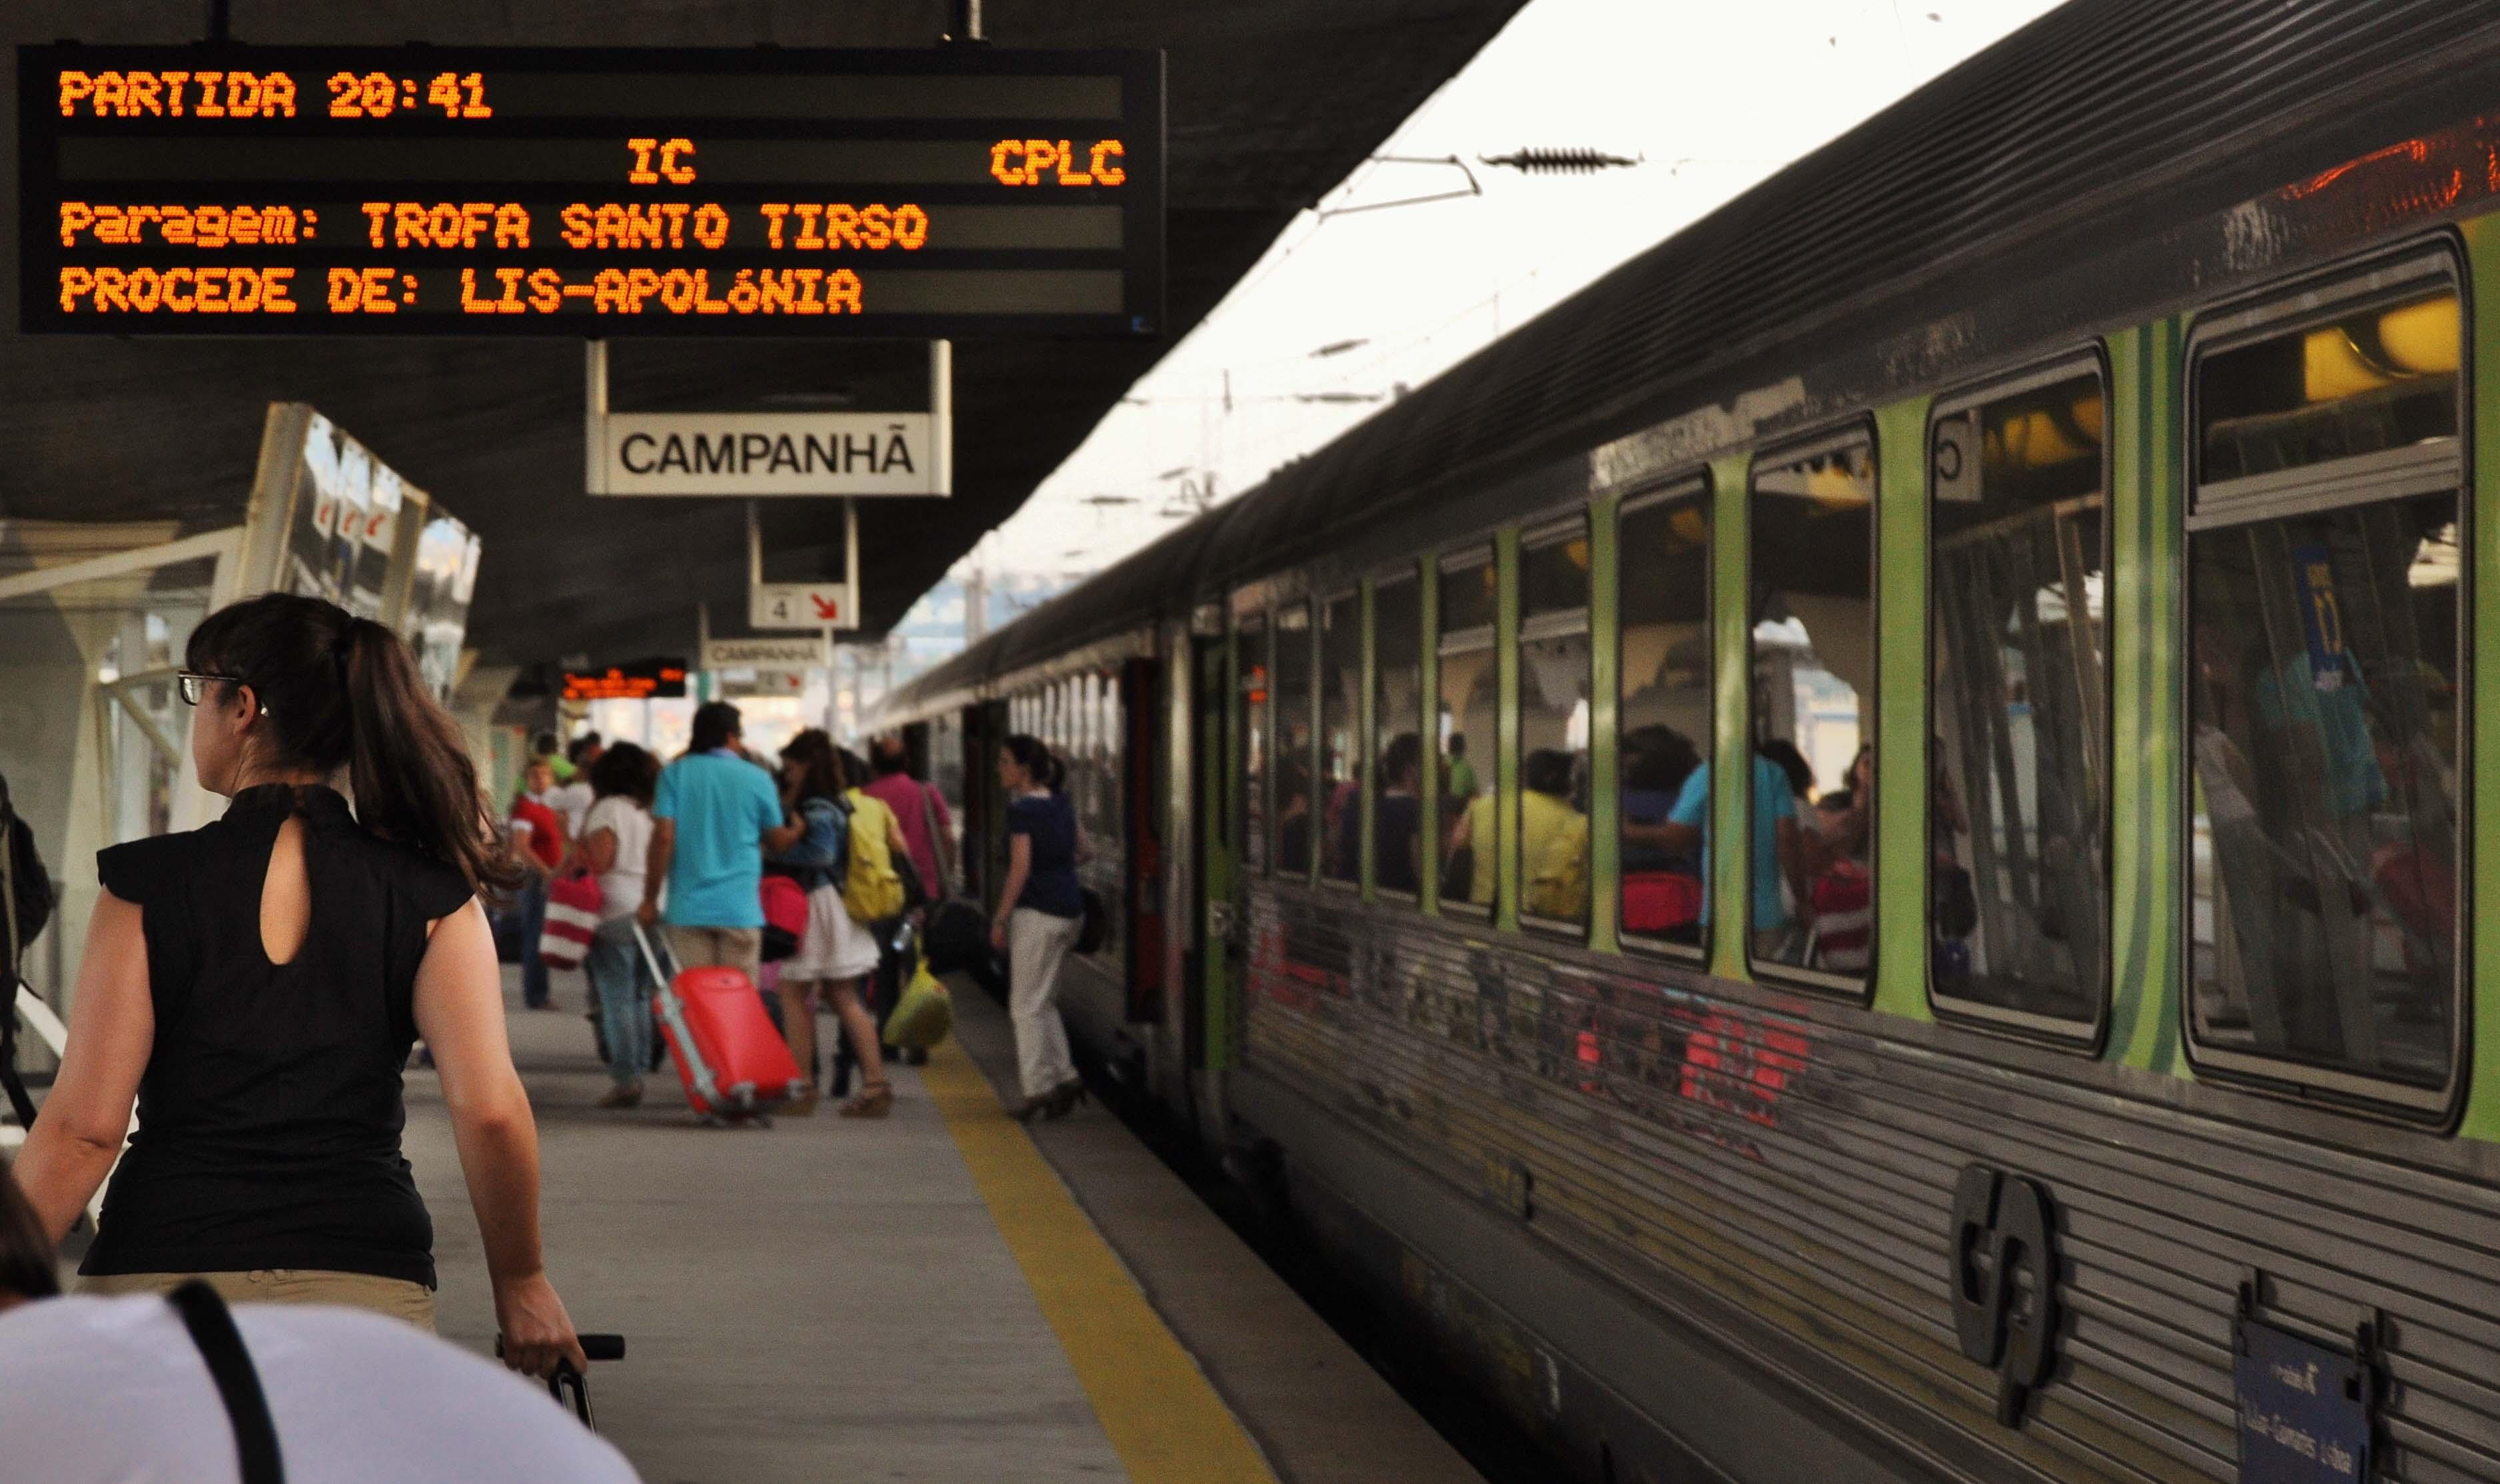 CP oferece 3000 passes para um mês de comboio aos condutores